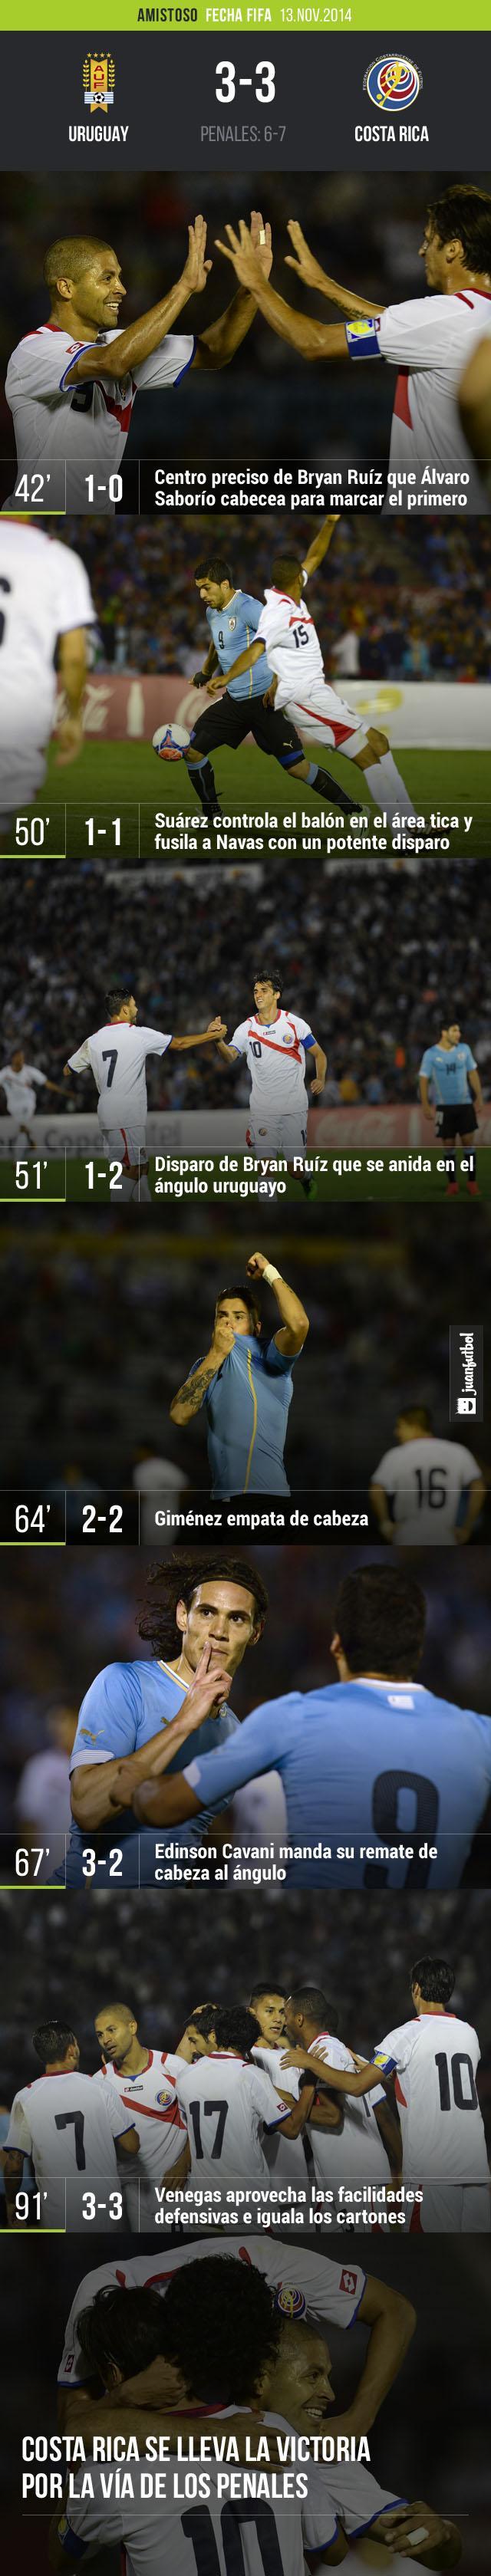 Costa Rica derrota a Uruguay por la vía de los penales.